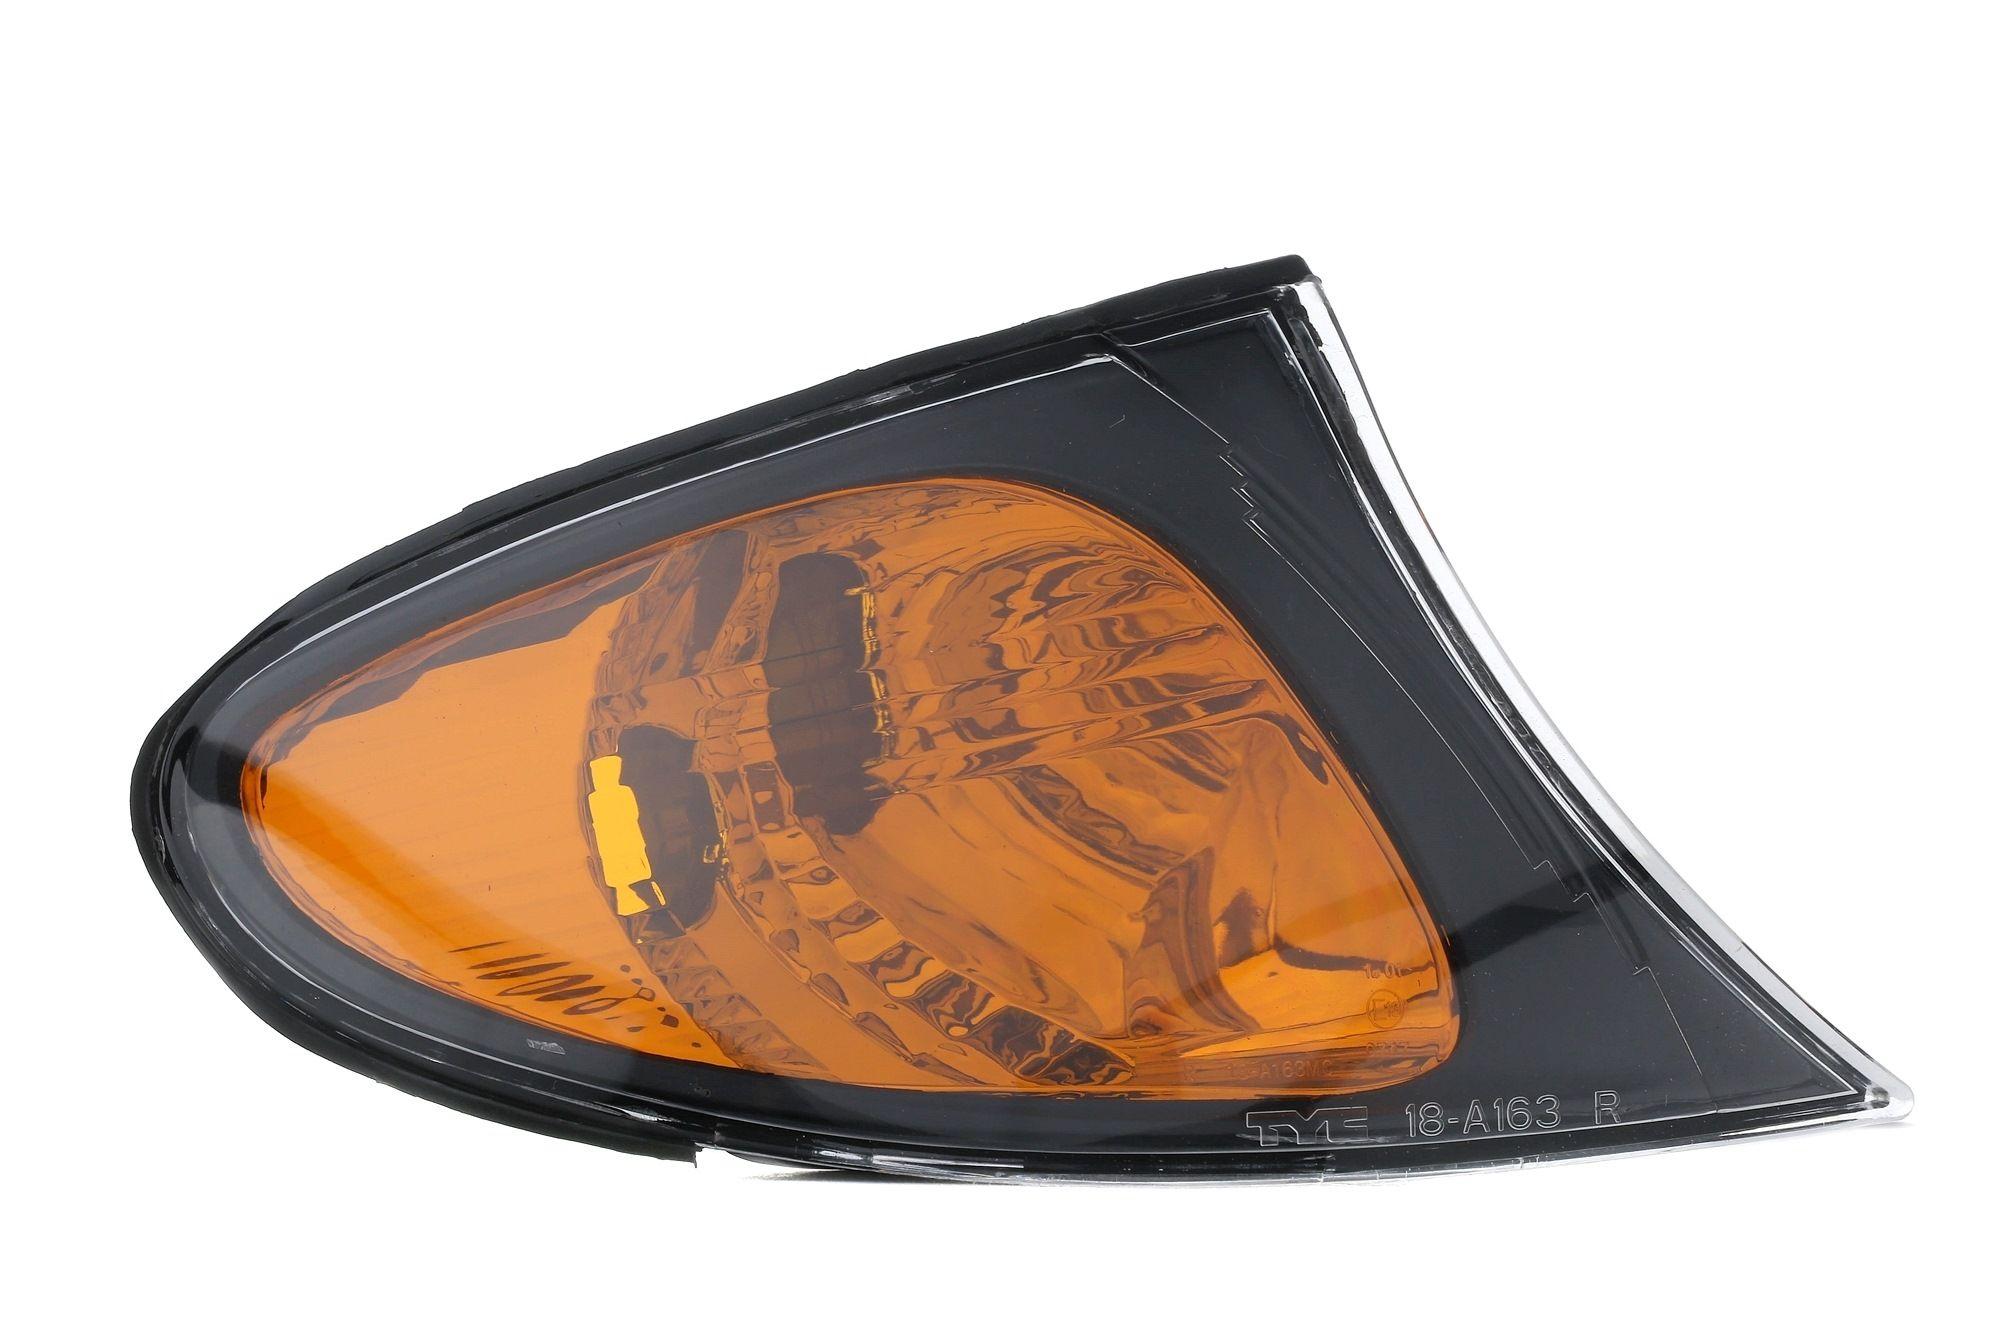 Original BMW Blinkleuchte 18-0163-01-2